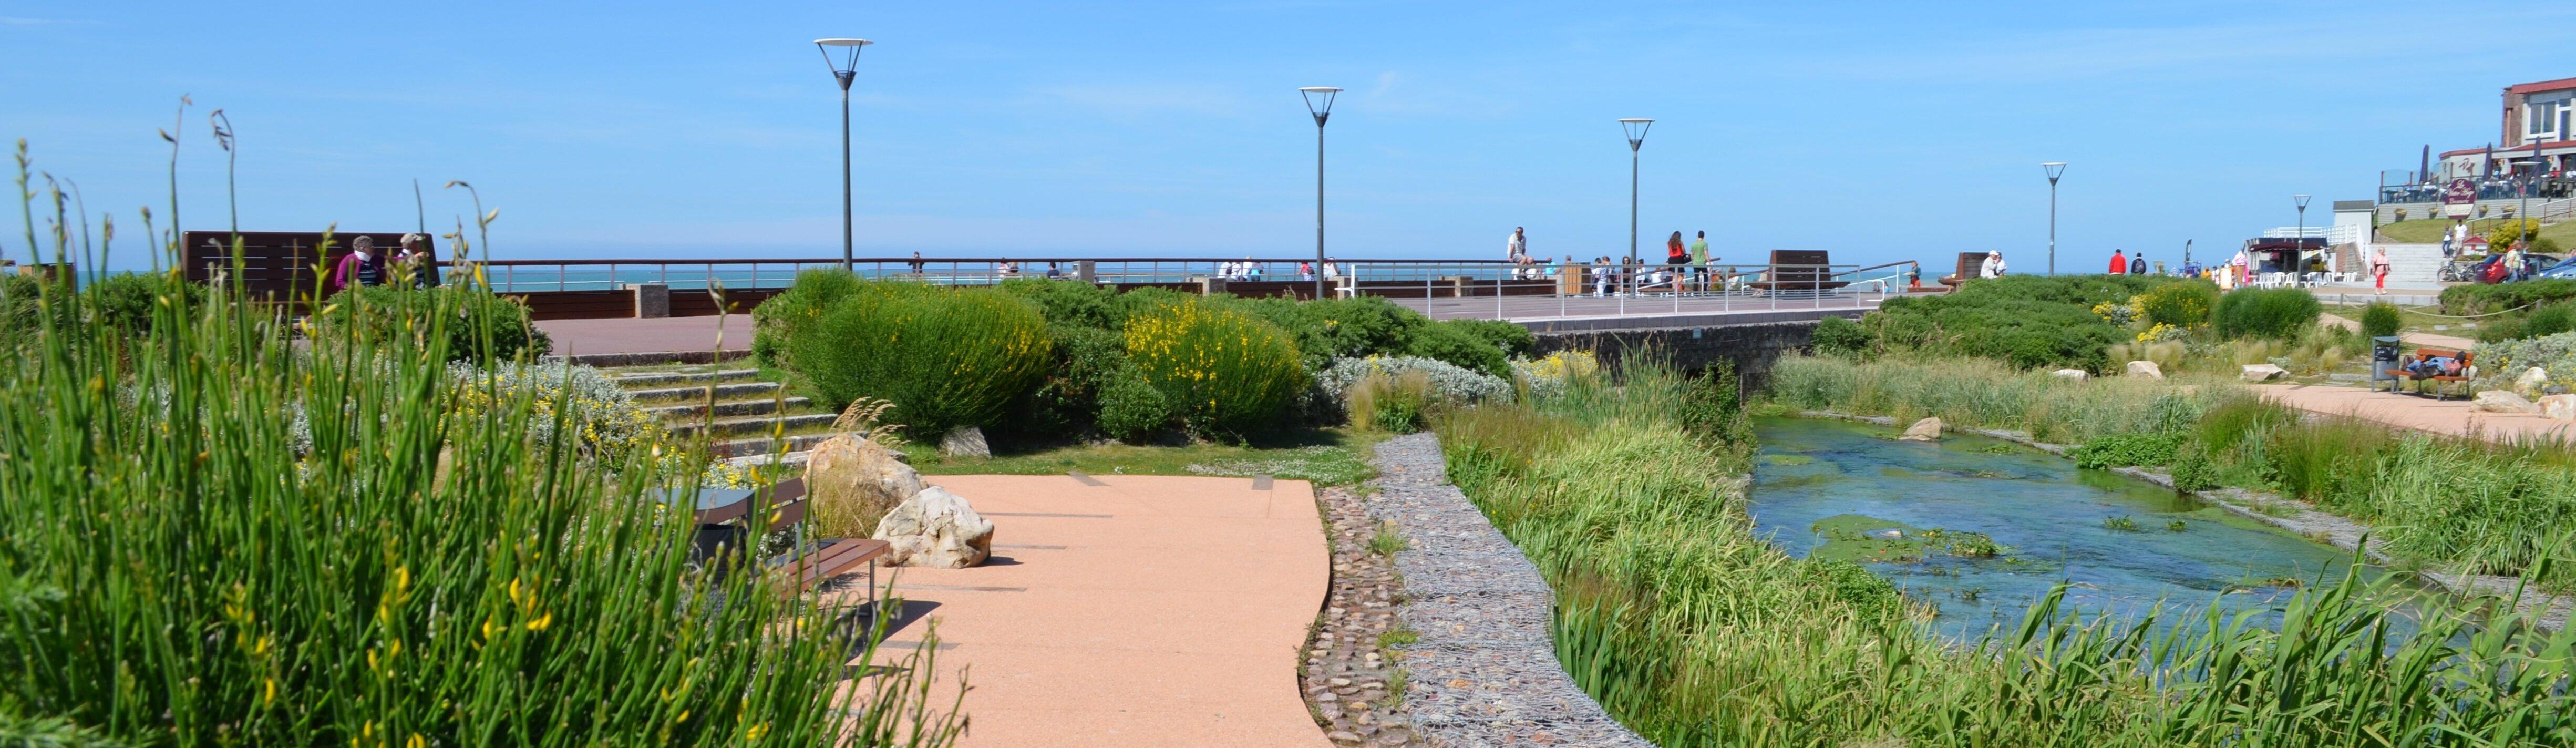 Location veules les roses les logis de la plage tourisme for Camping saint valery en caux avec piscine